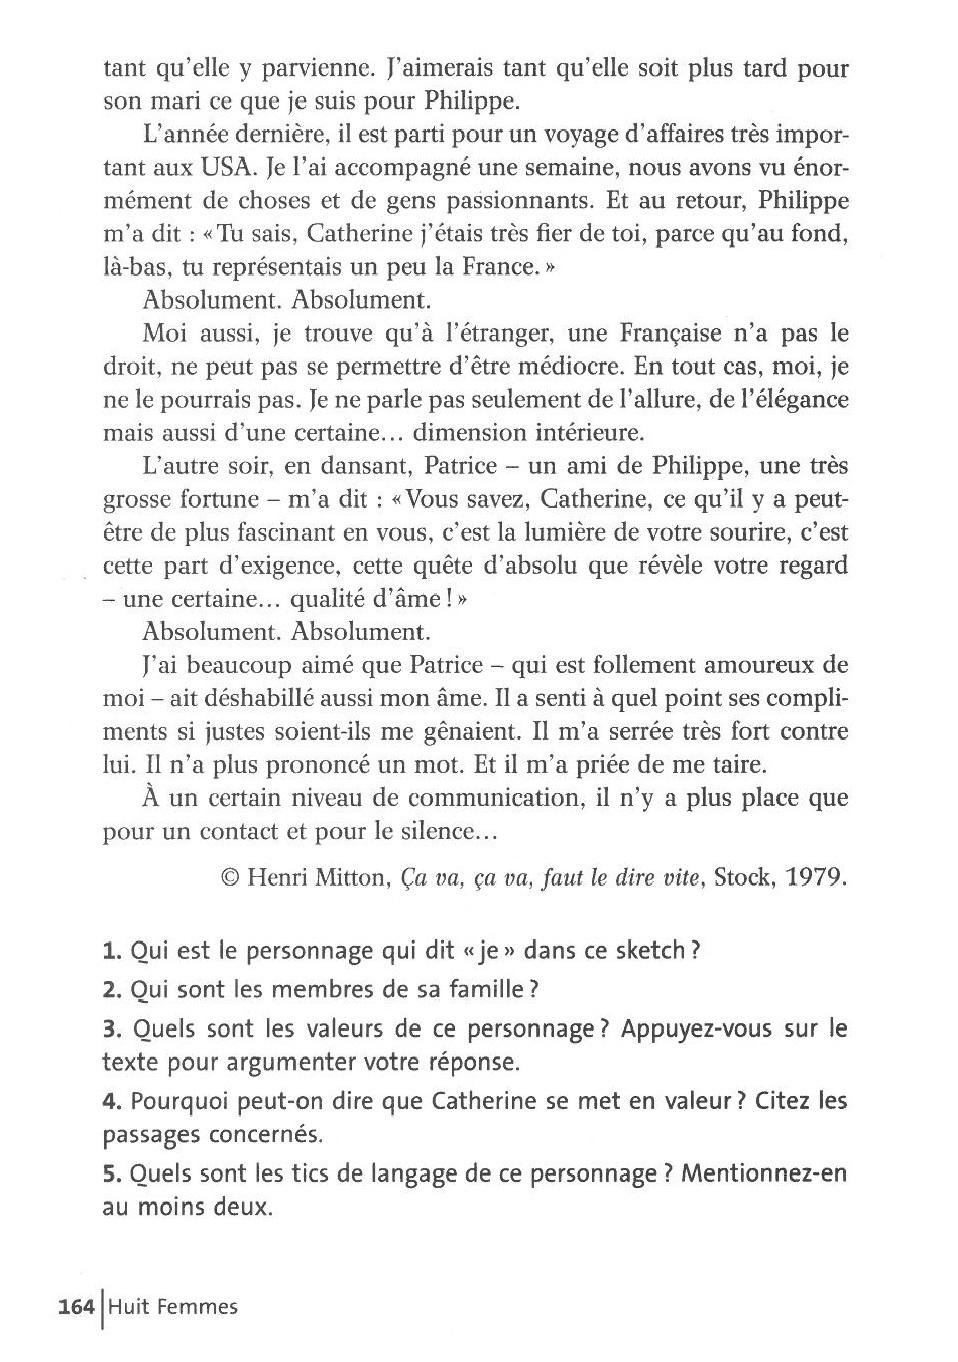 Etonnants classiques huit femmes page 164 copie